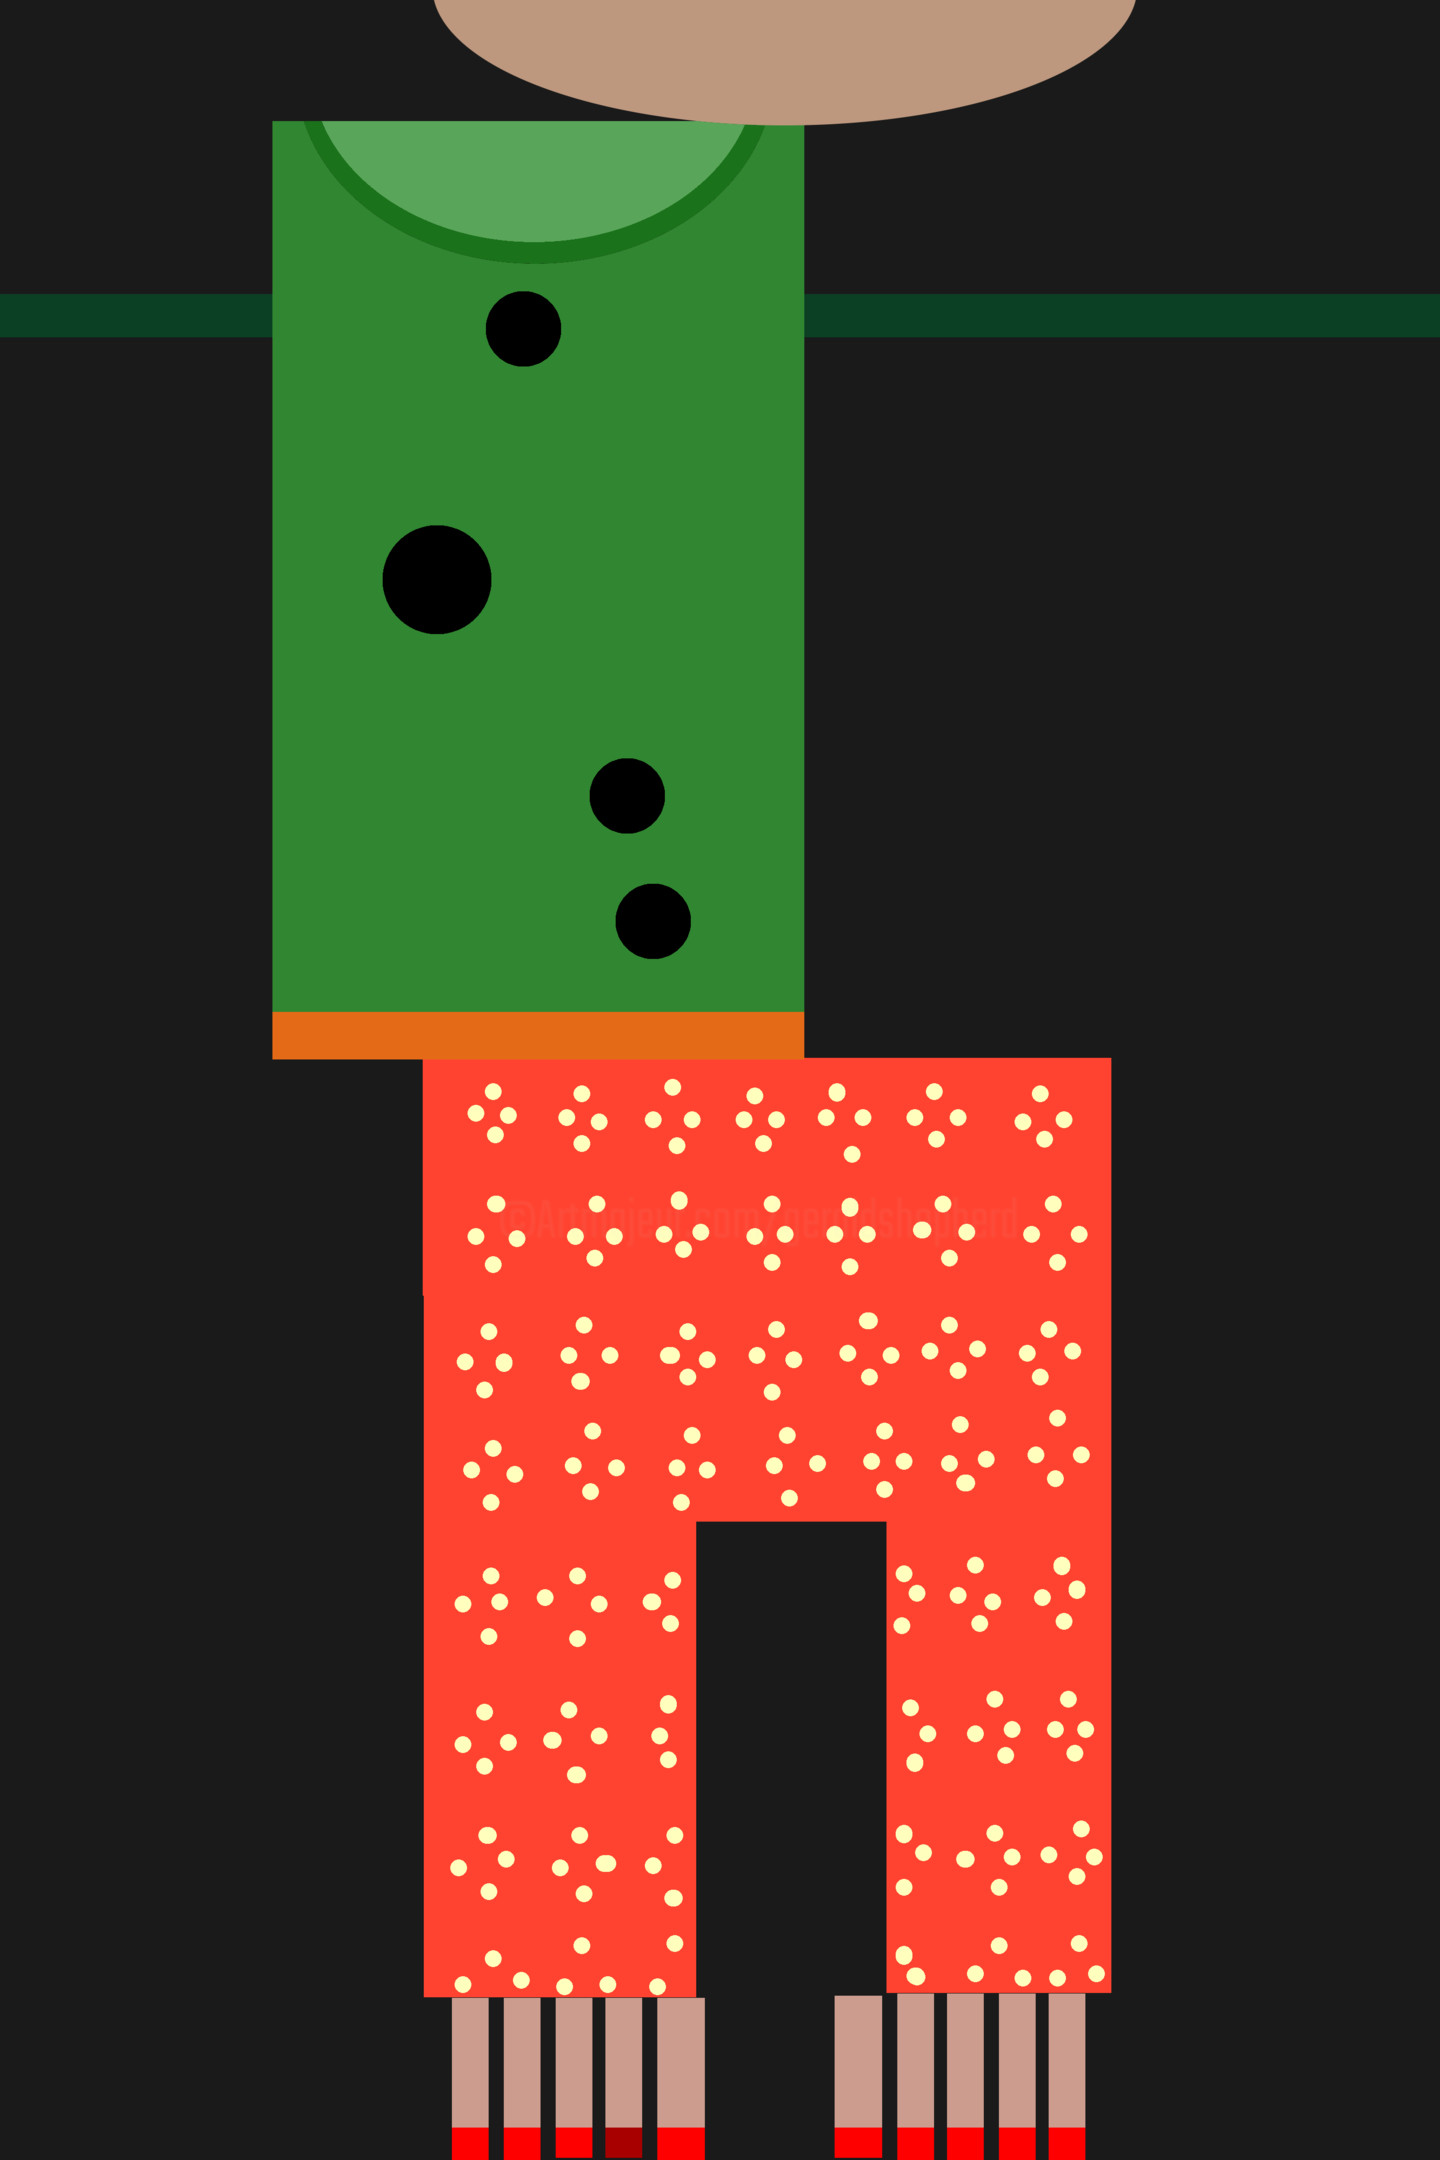 Gerald Shepherd - Girl In A Green Top